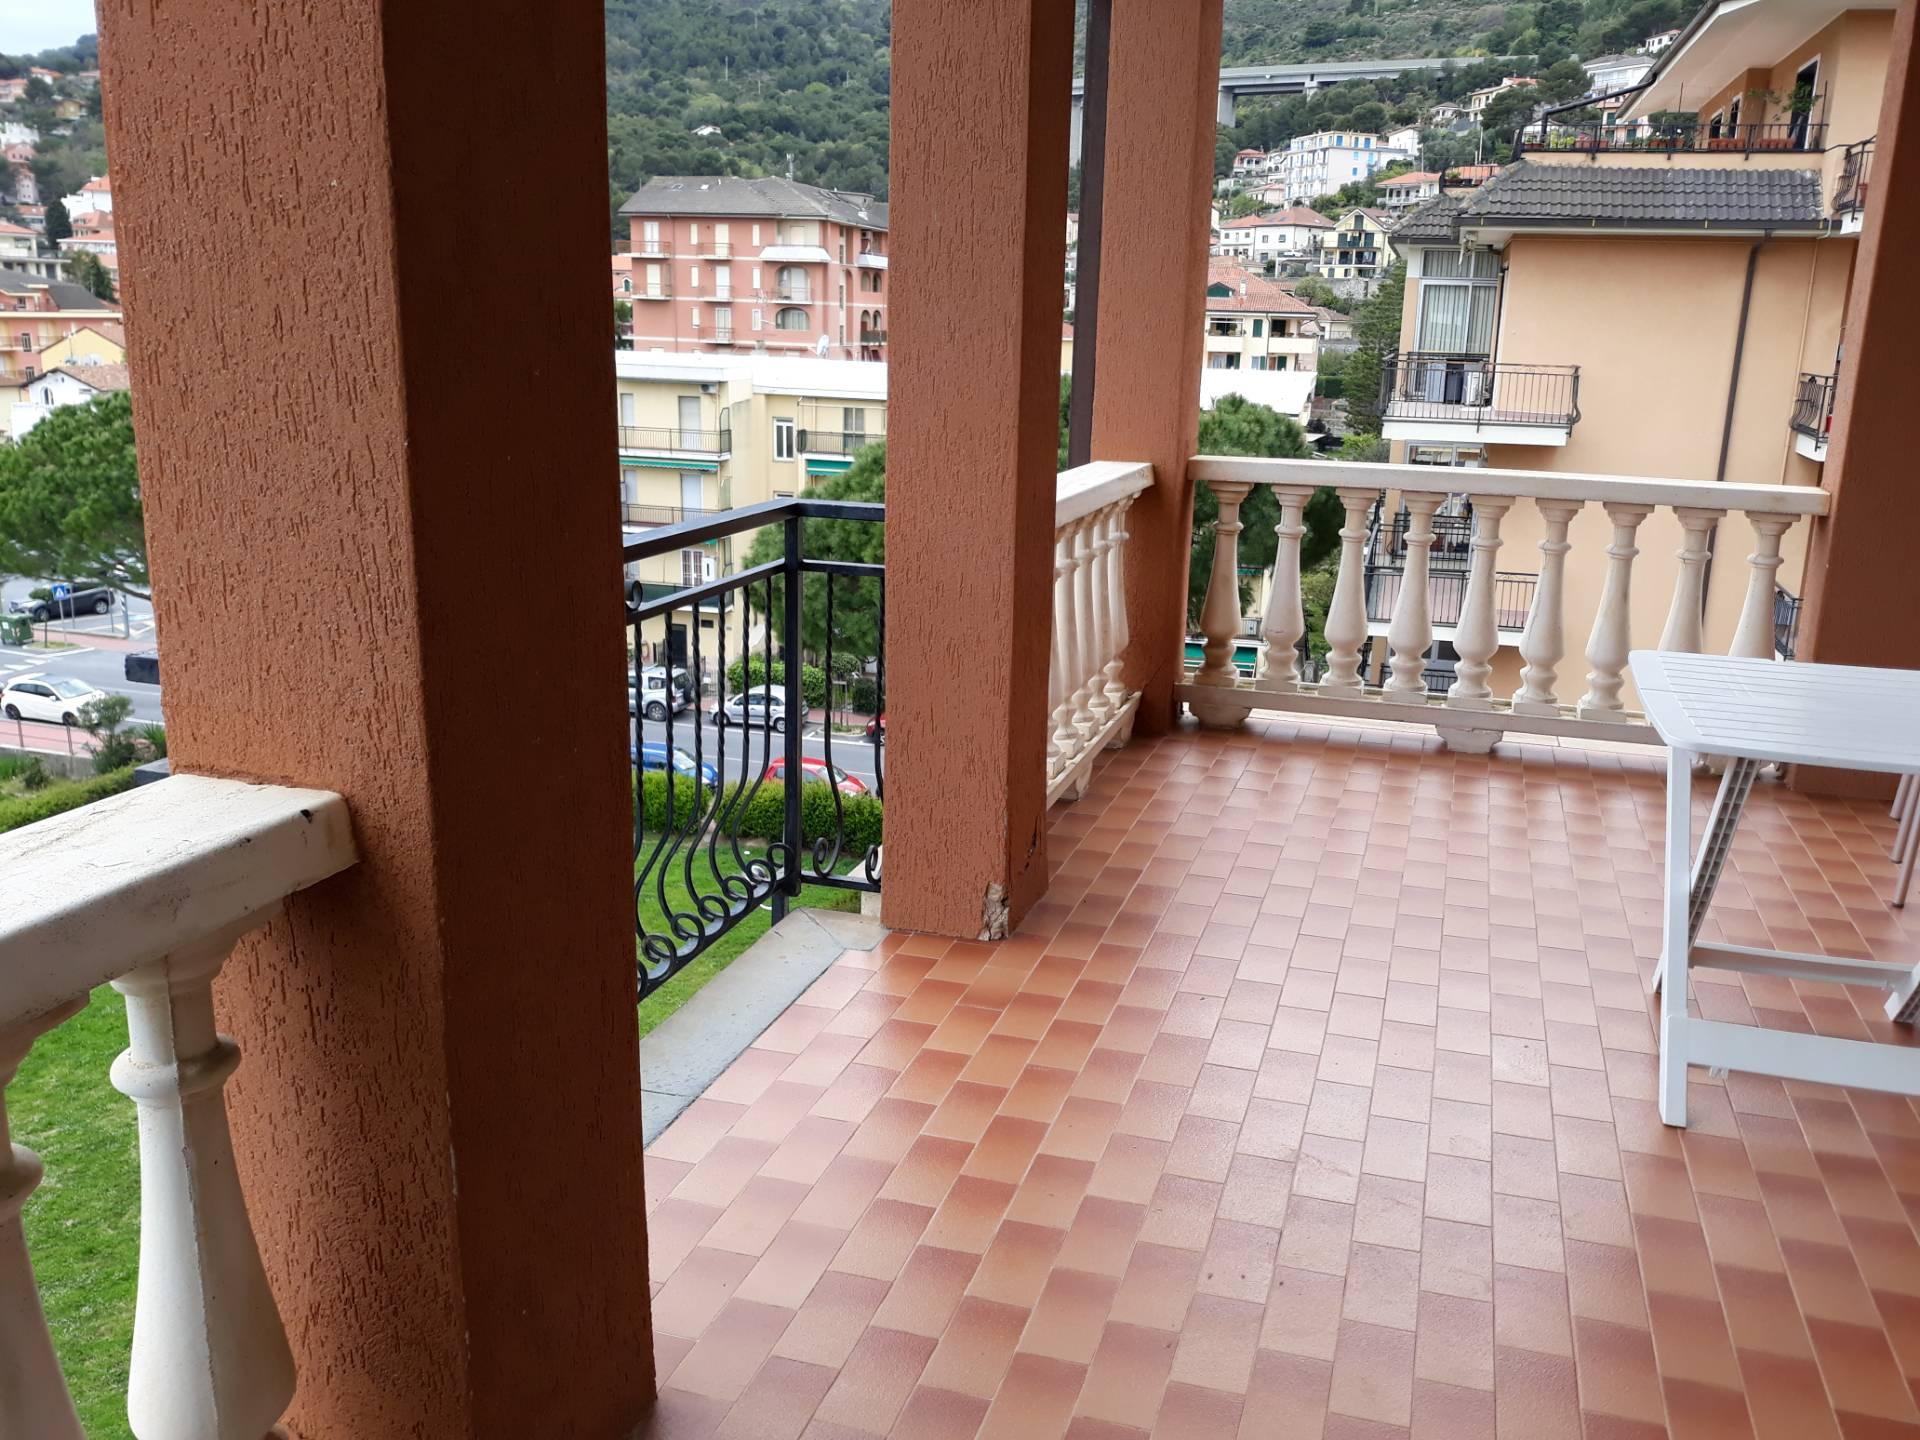 Foto 1 di Monolocale Via Cavour, Andora